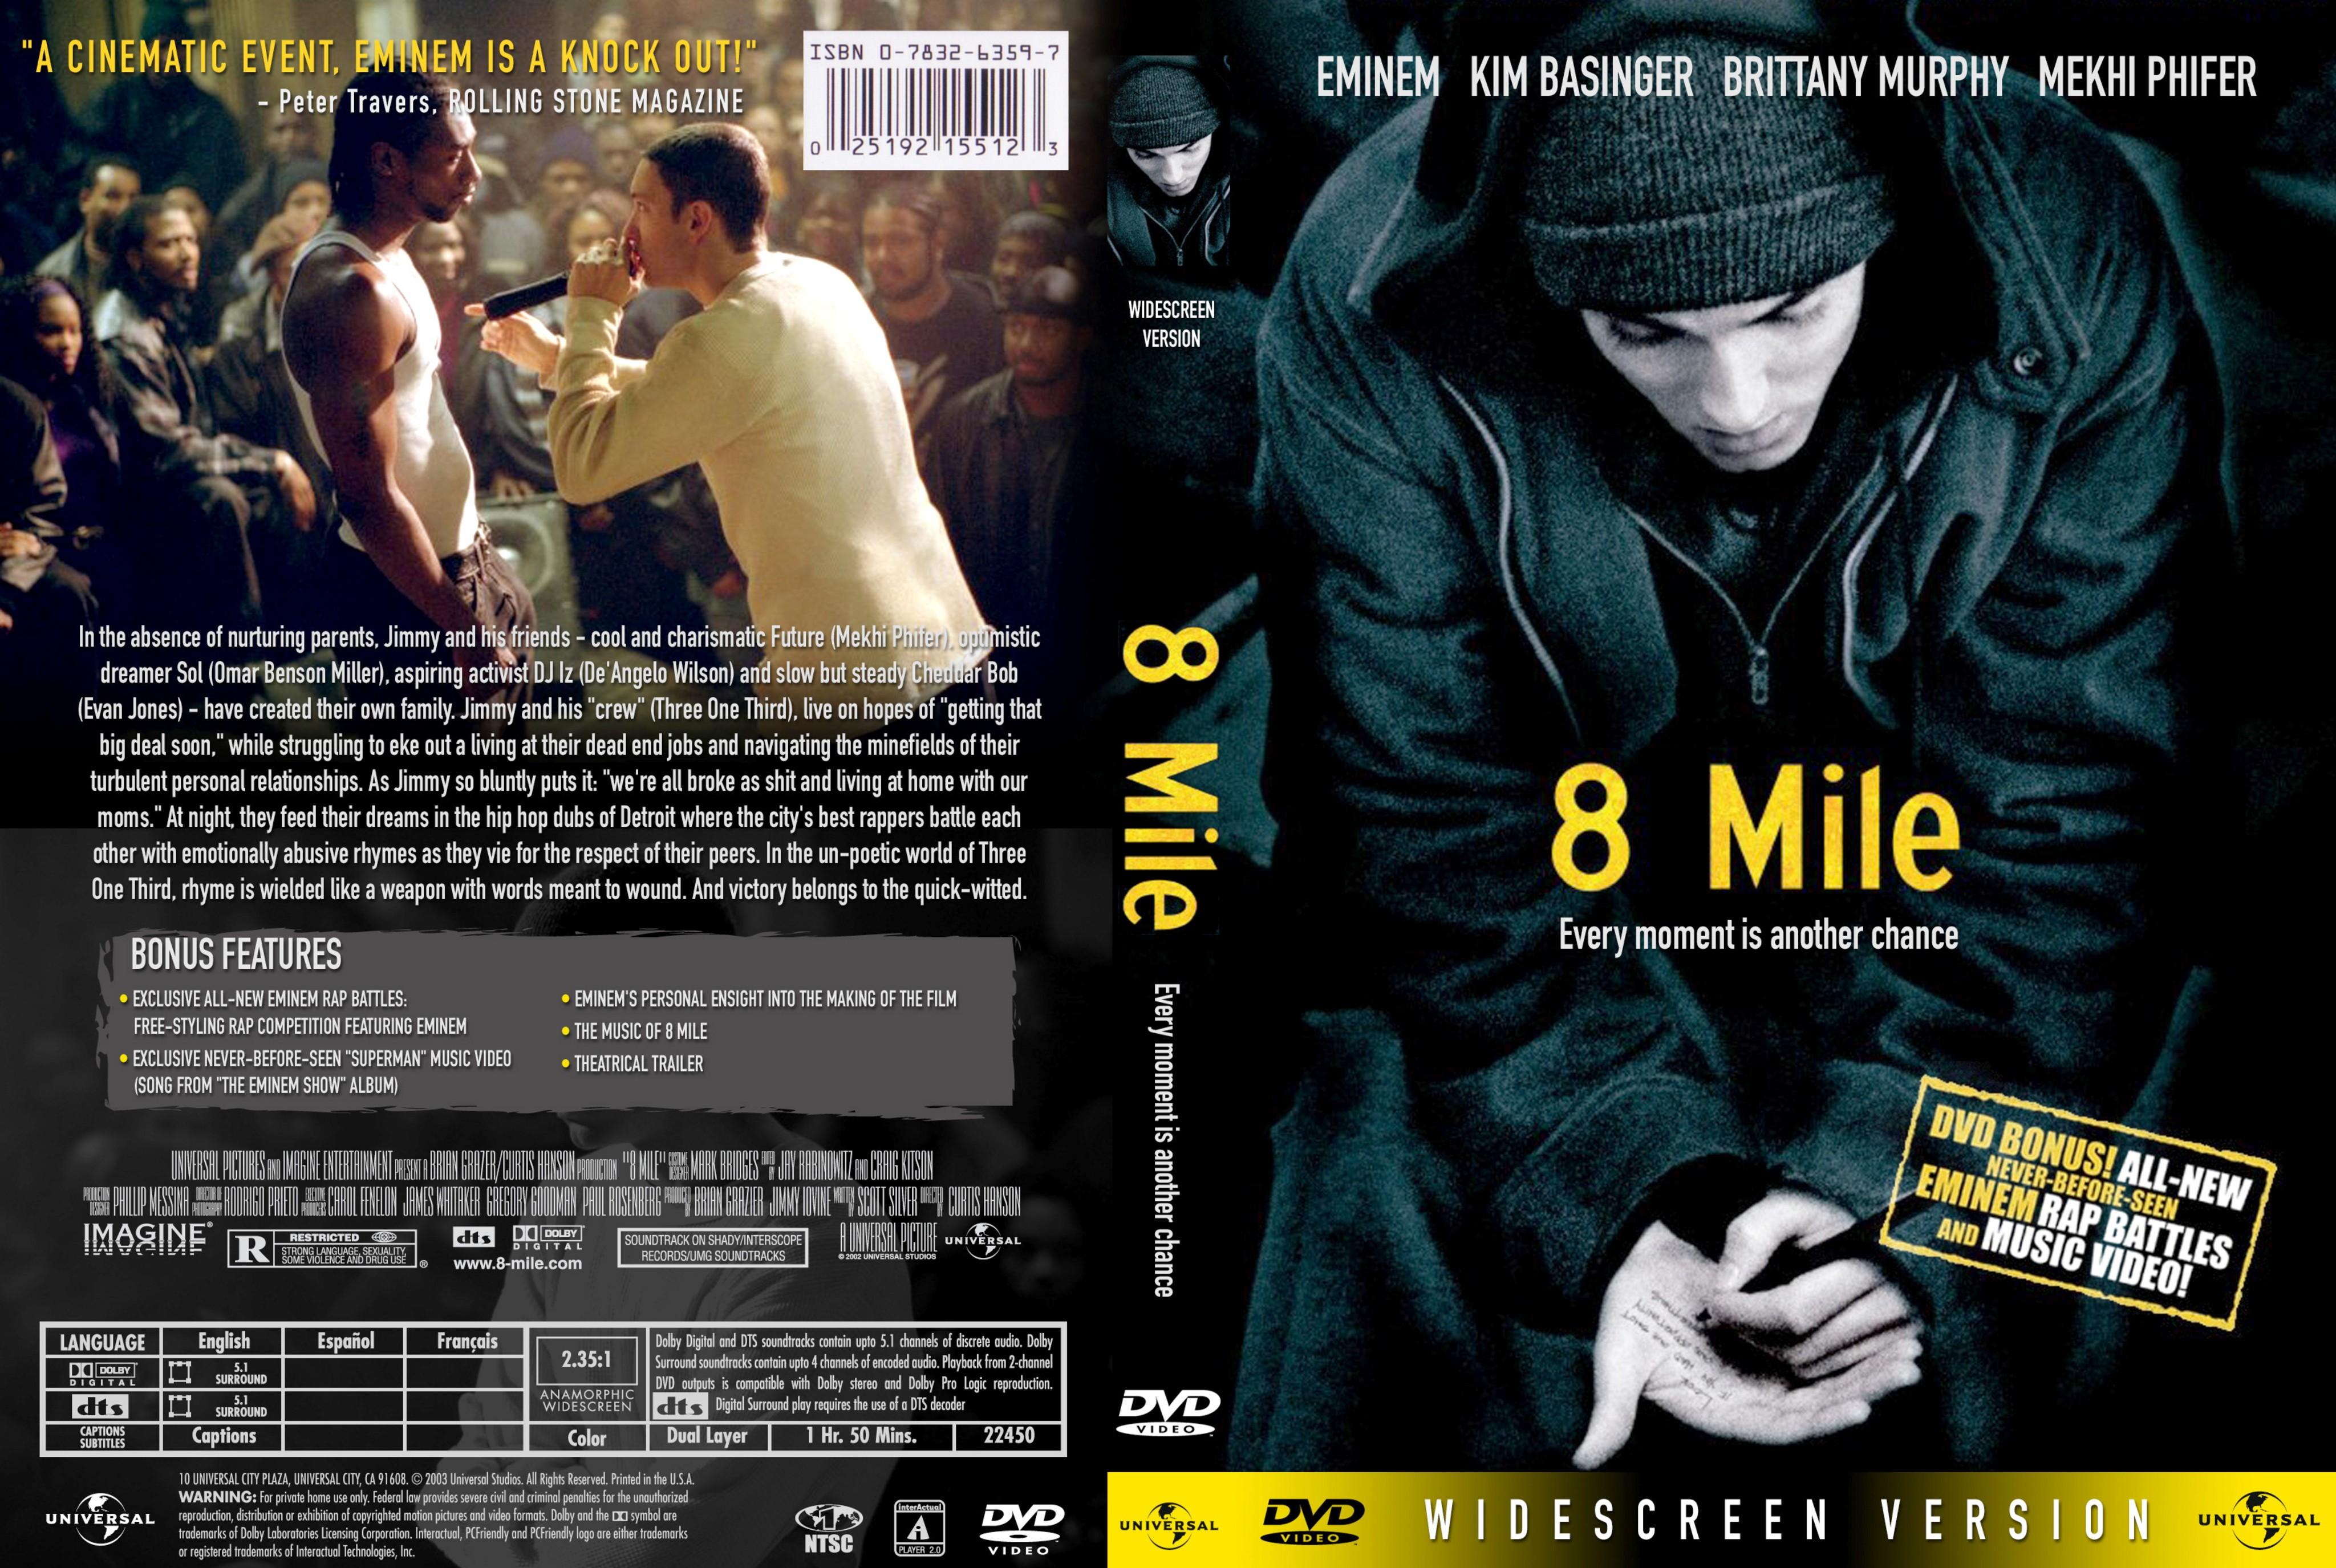 8 Mile Music Movies If Endif Movie Tensofyears